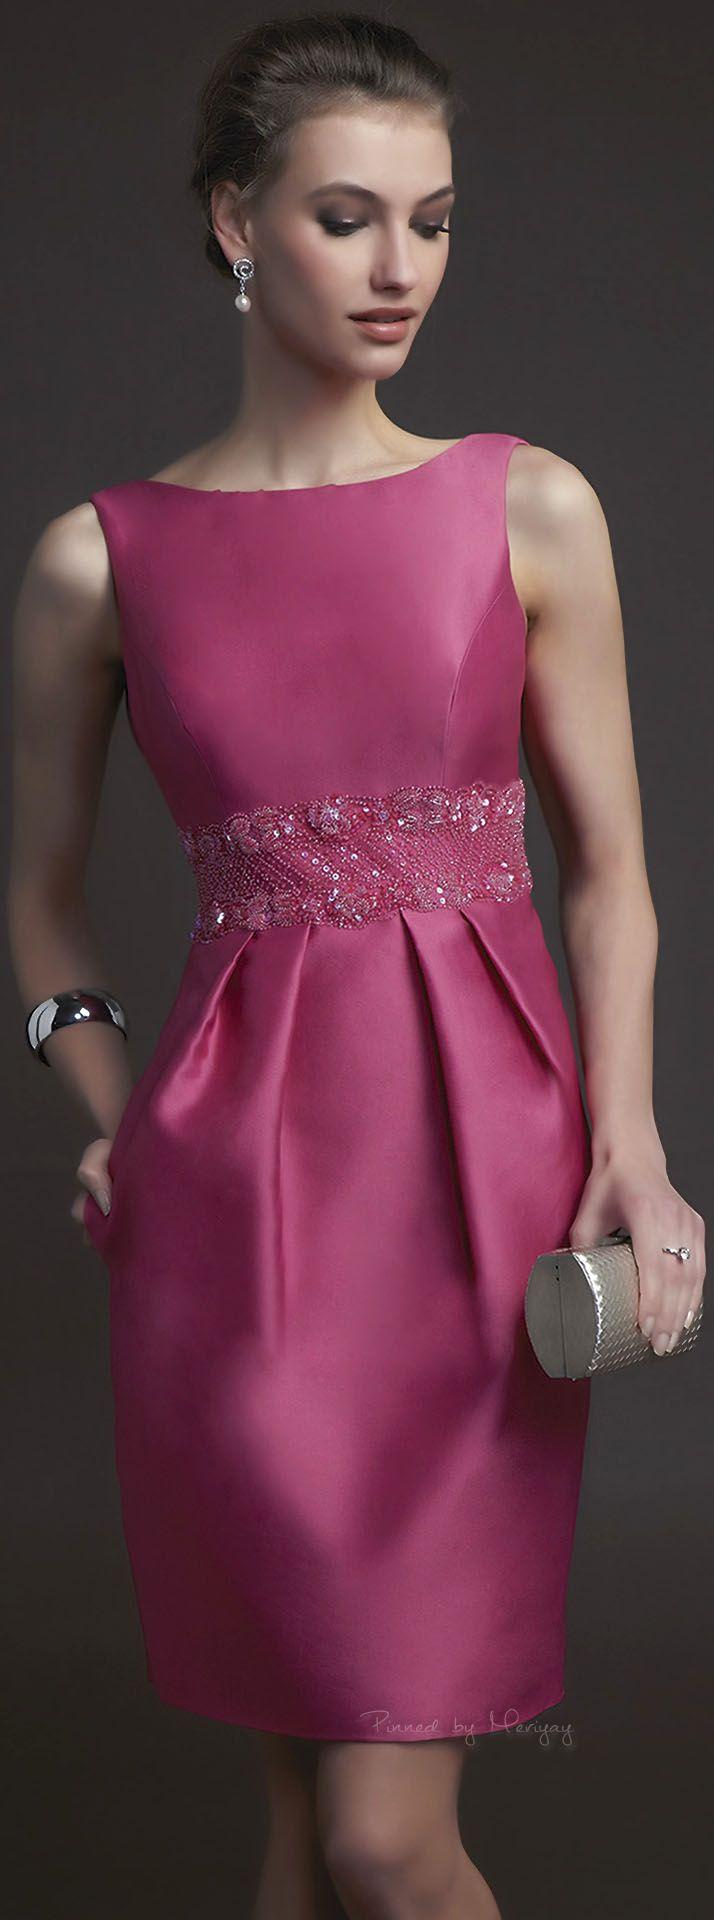 Mejores 170 imágenes de Style outfit en Pinterest | Vestido elegante ...